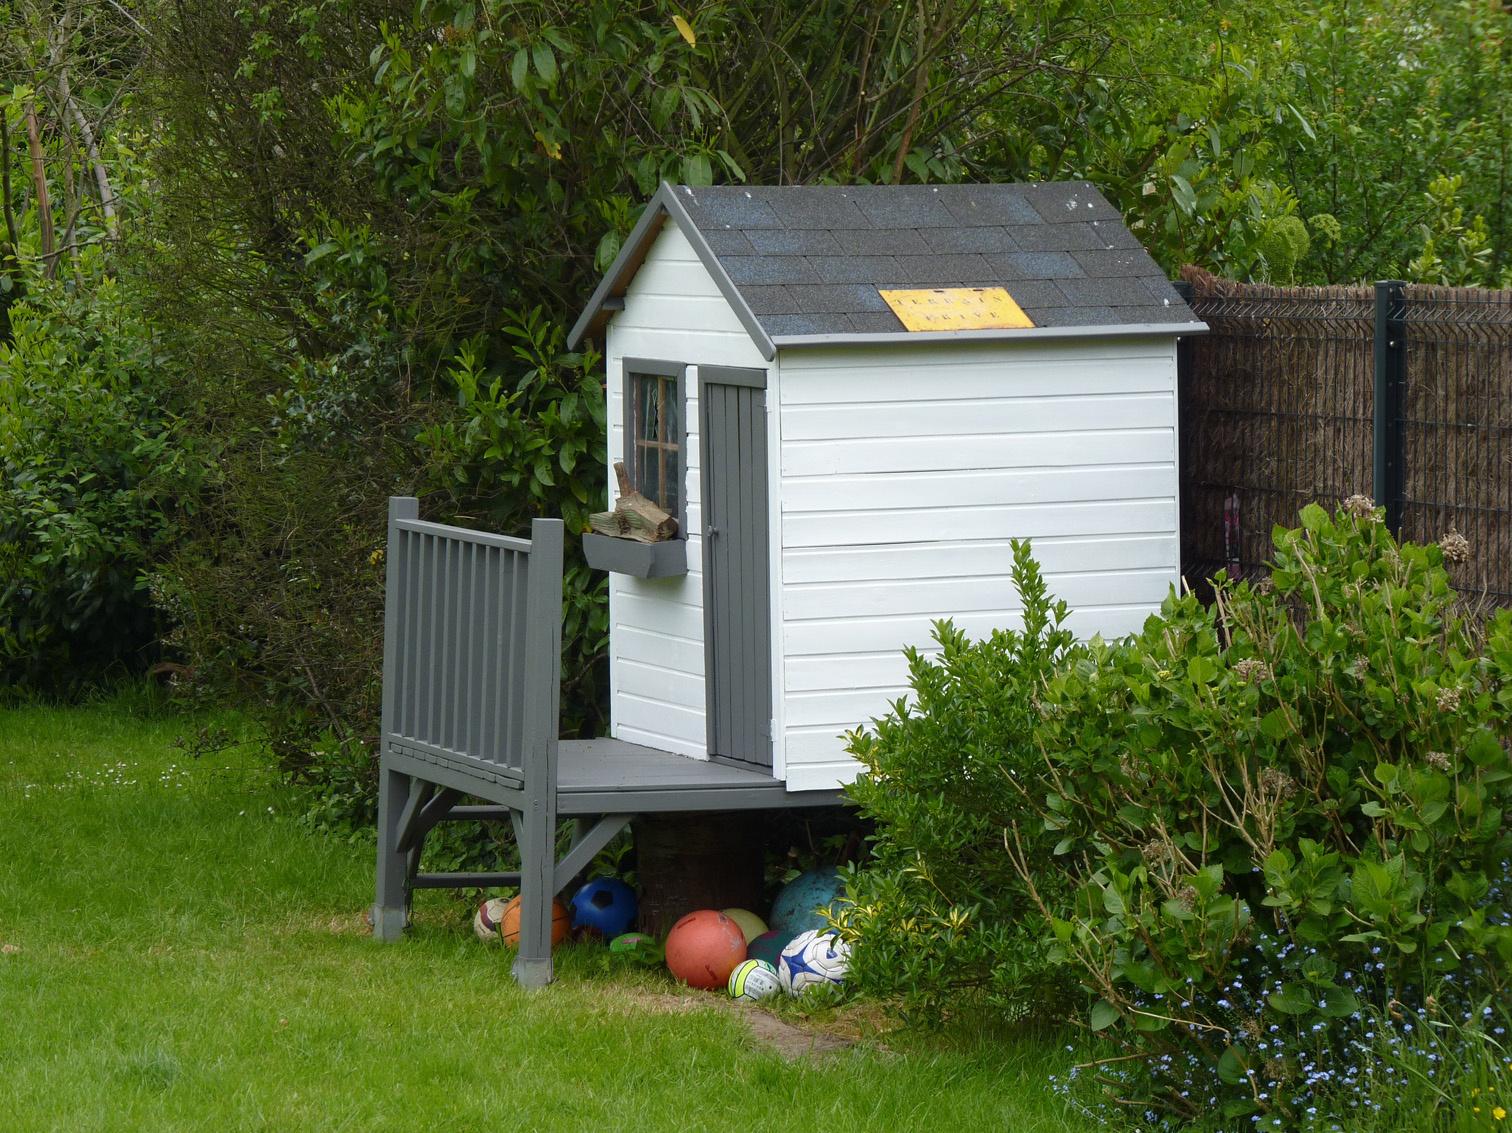 Cabane En Bois Pour Enfant Sur Pilotis Peinte En Gris Taupe ... avec Peinture Abri De Jardin